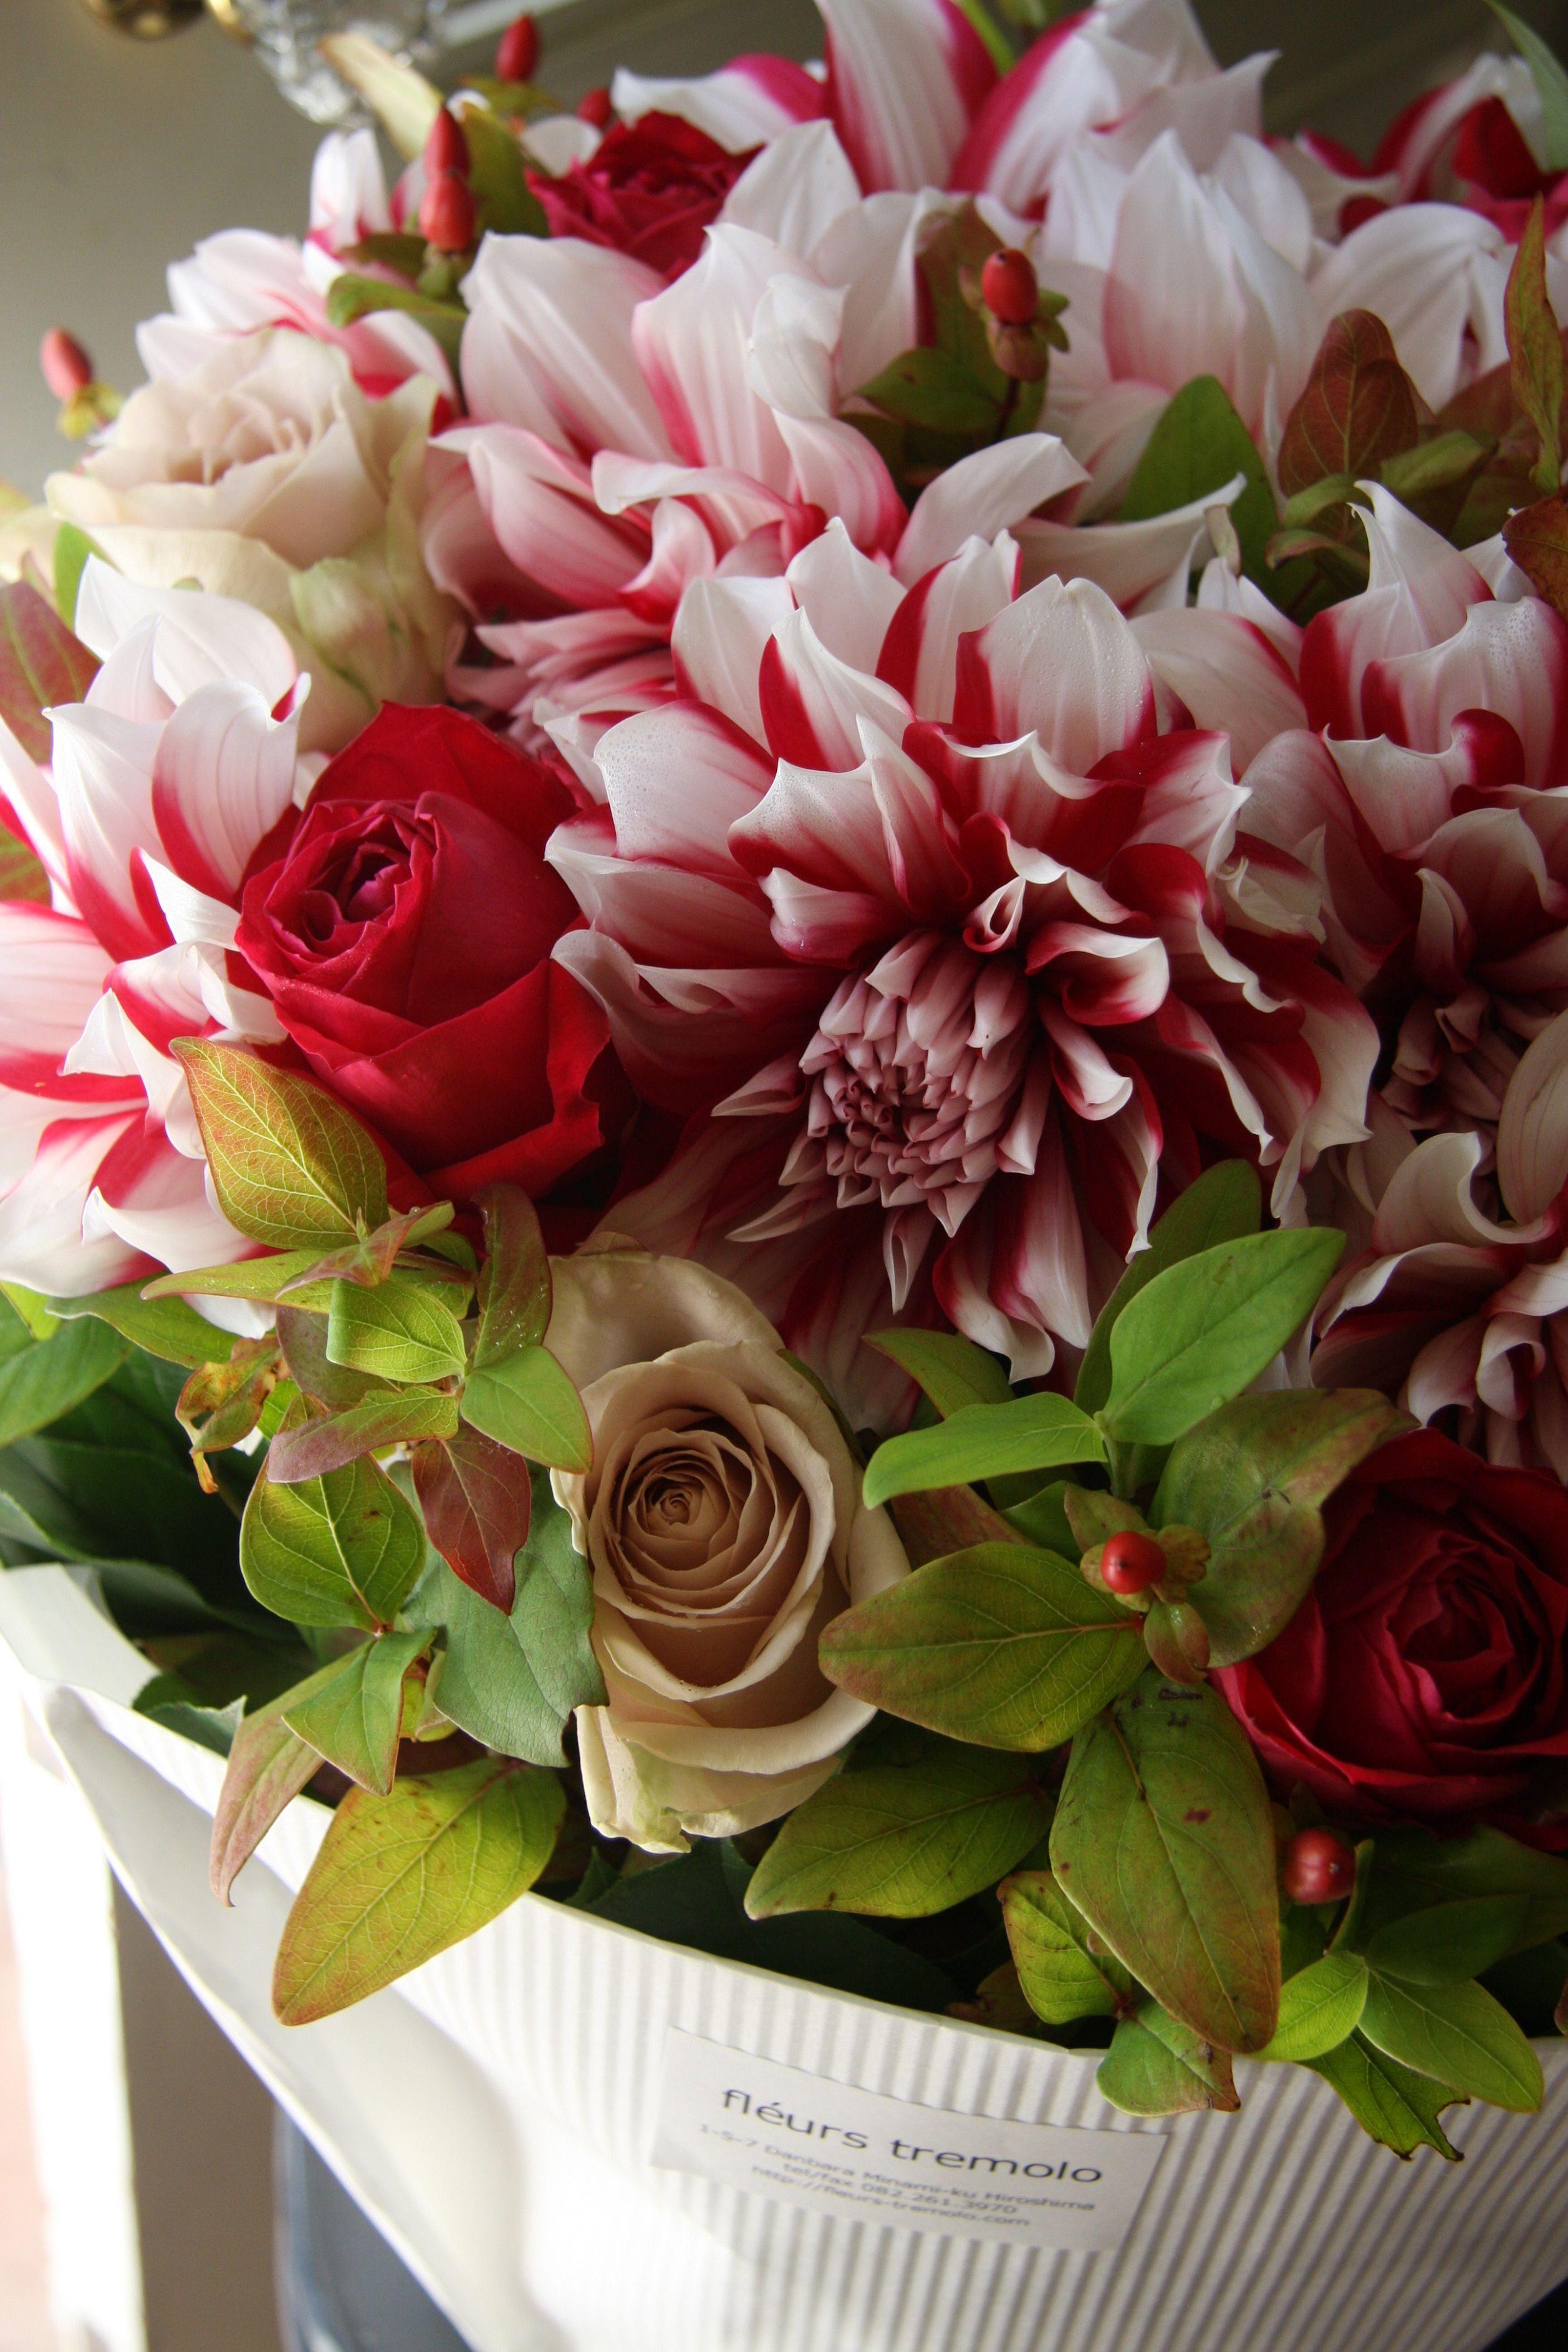 dahlia and rose